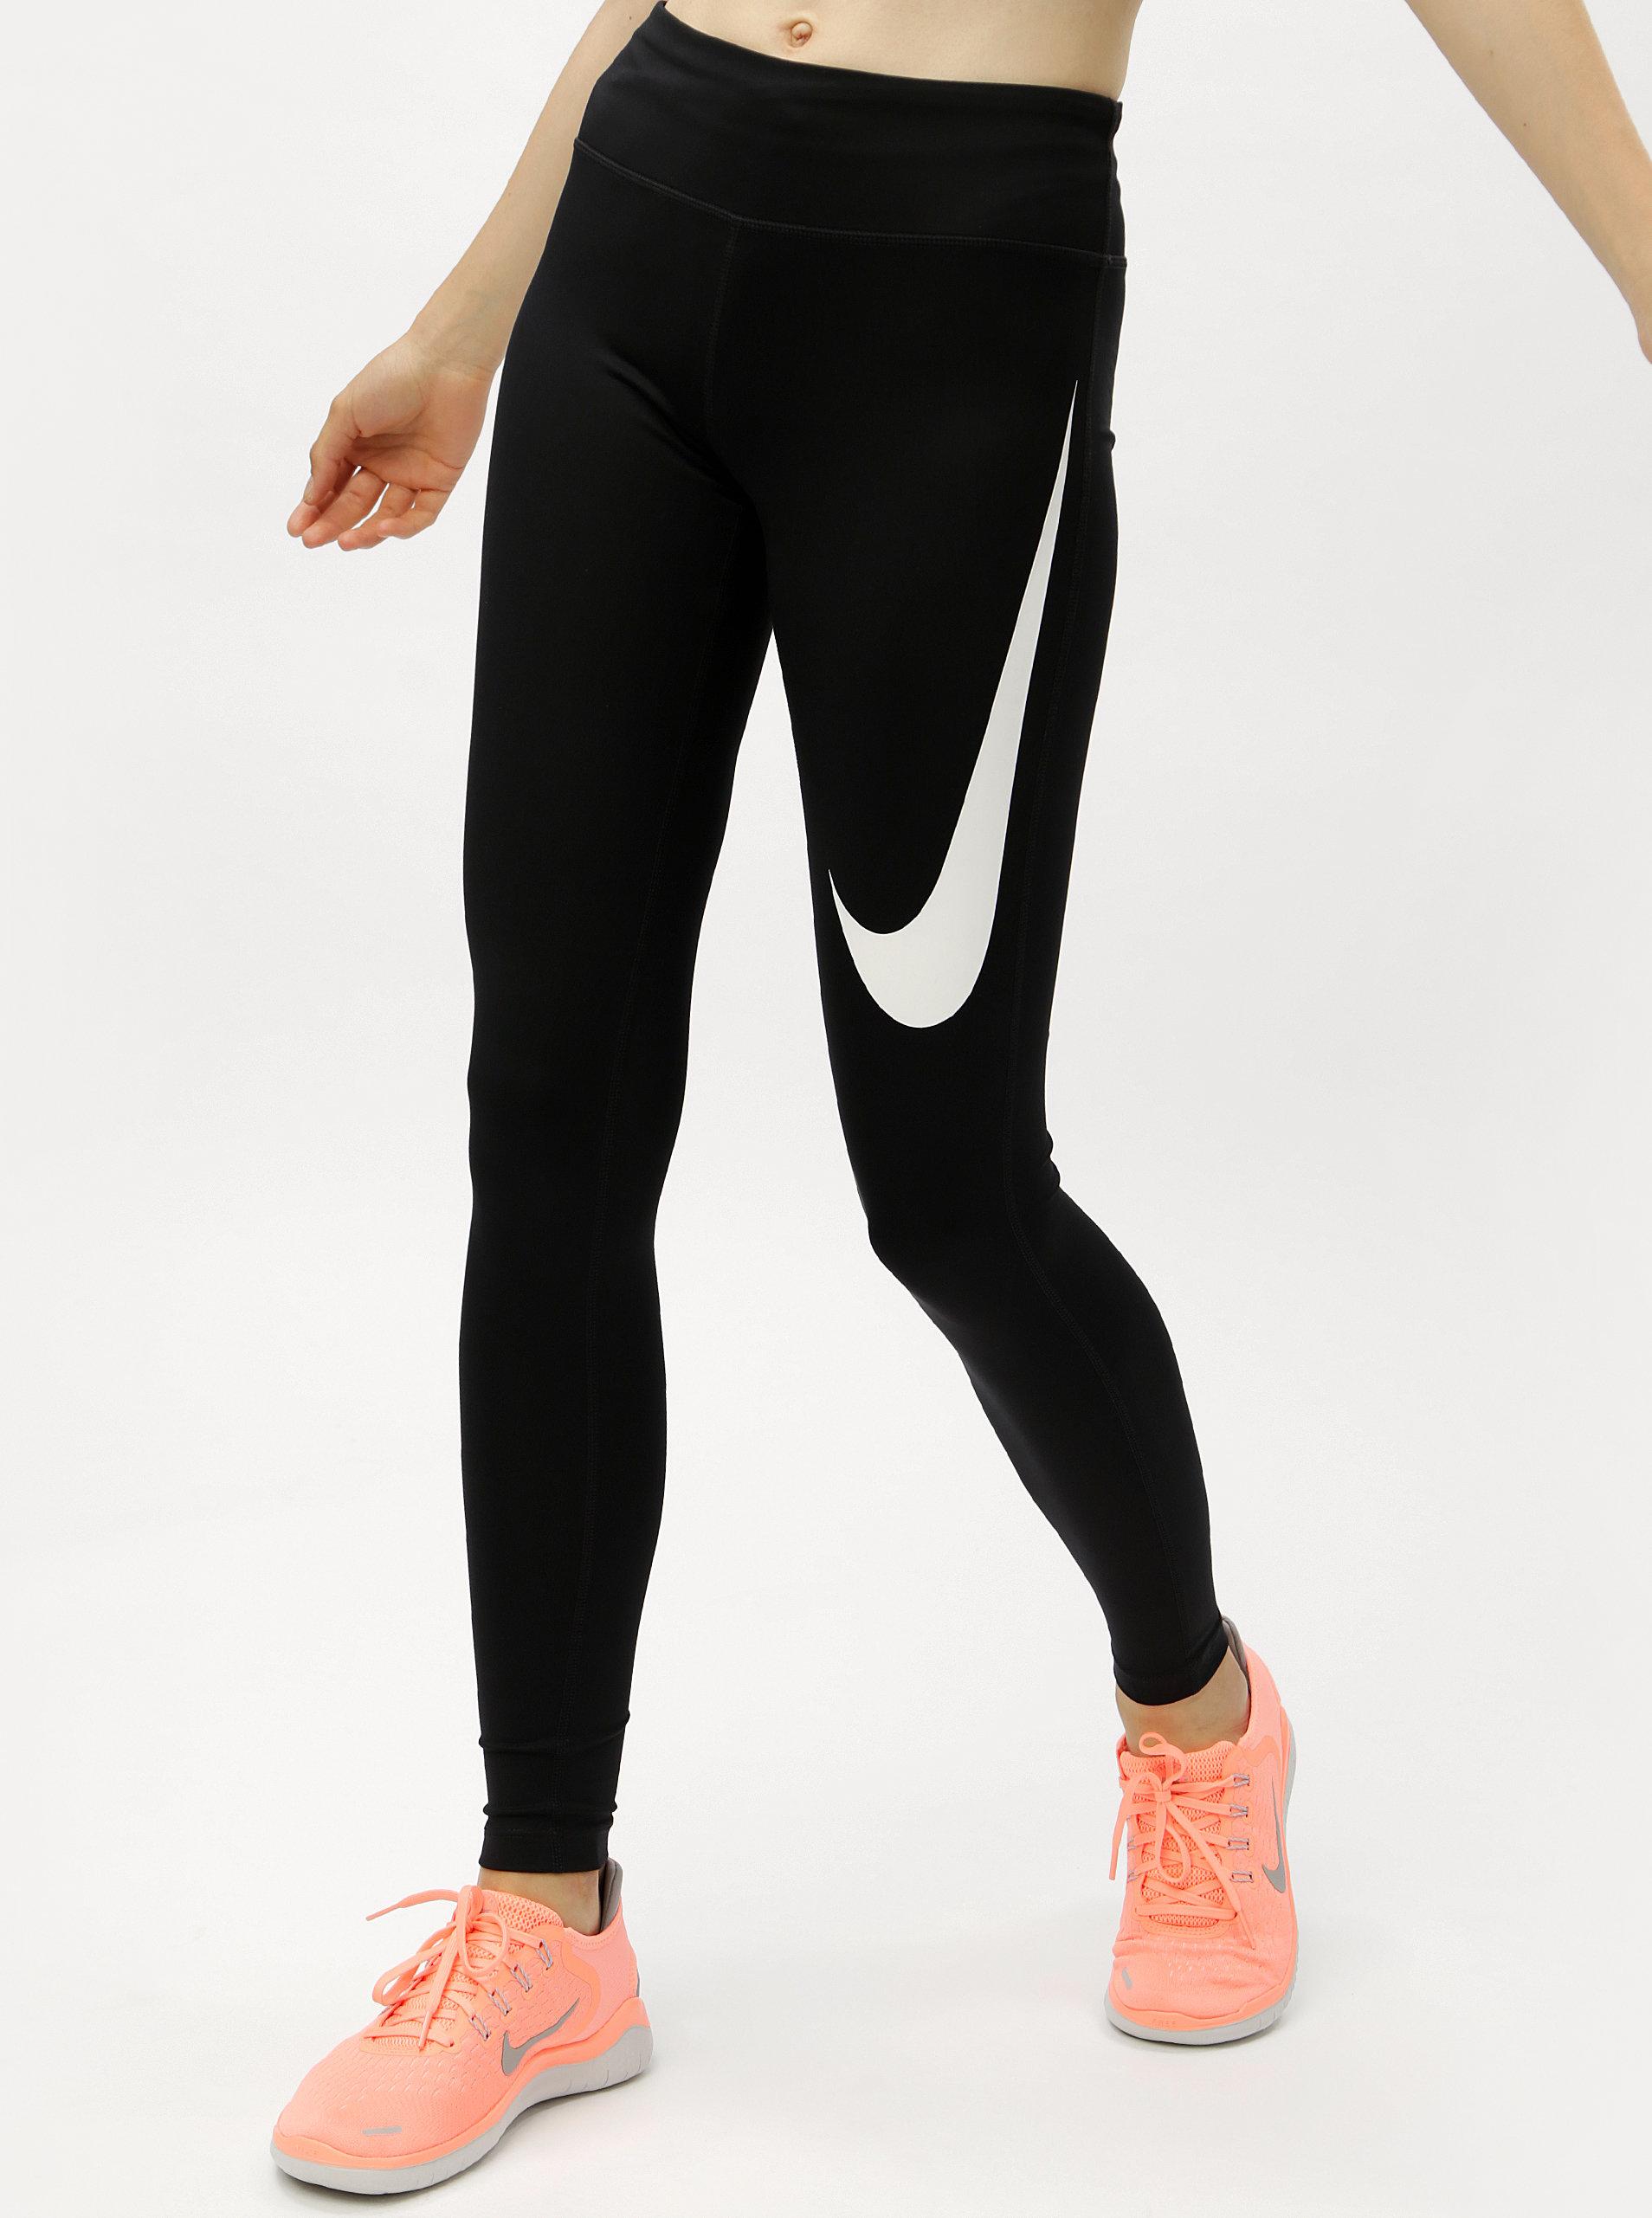 Čierne dámske funkčné legíny s vreckami Nike ... 33da791c87